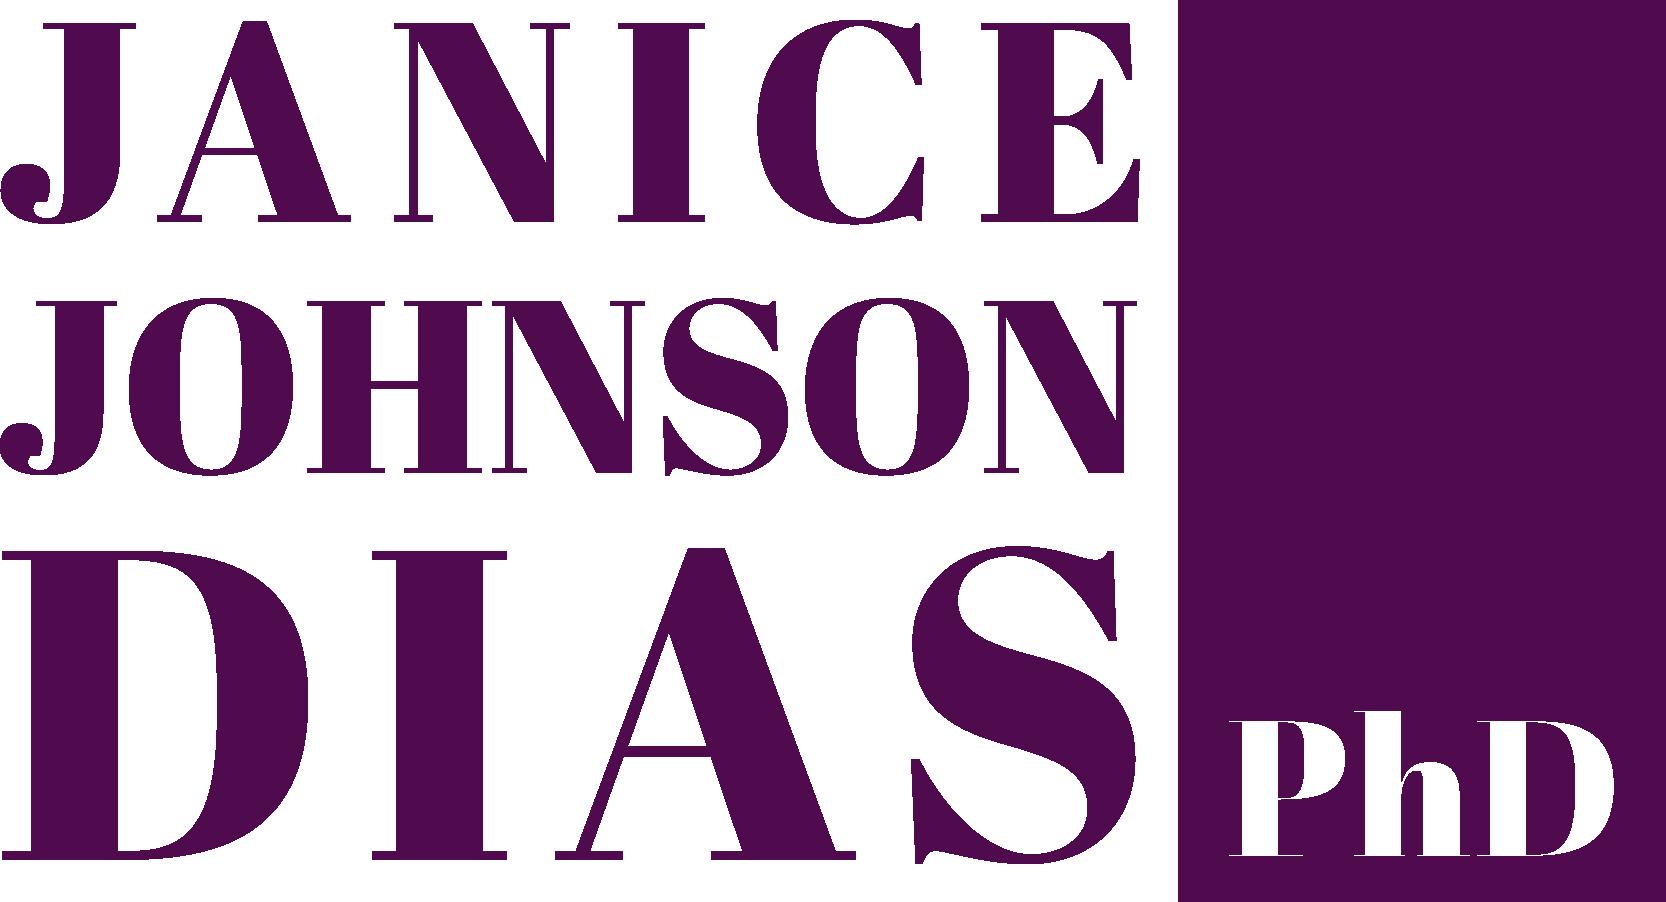 Janice Johnson Dias, PhD